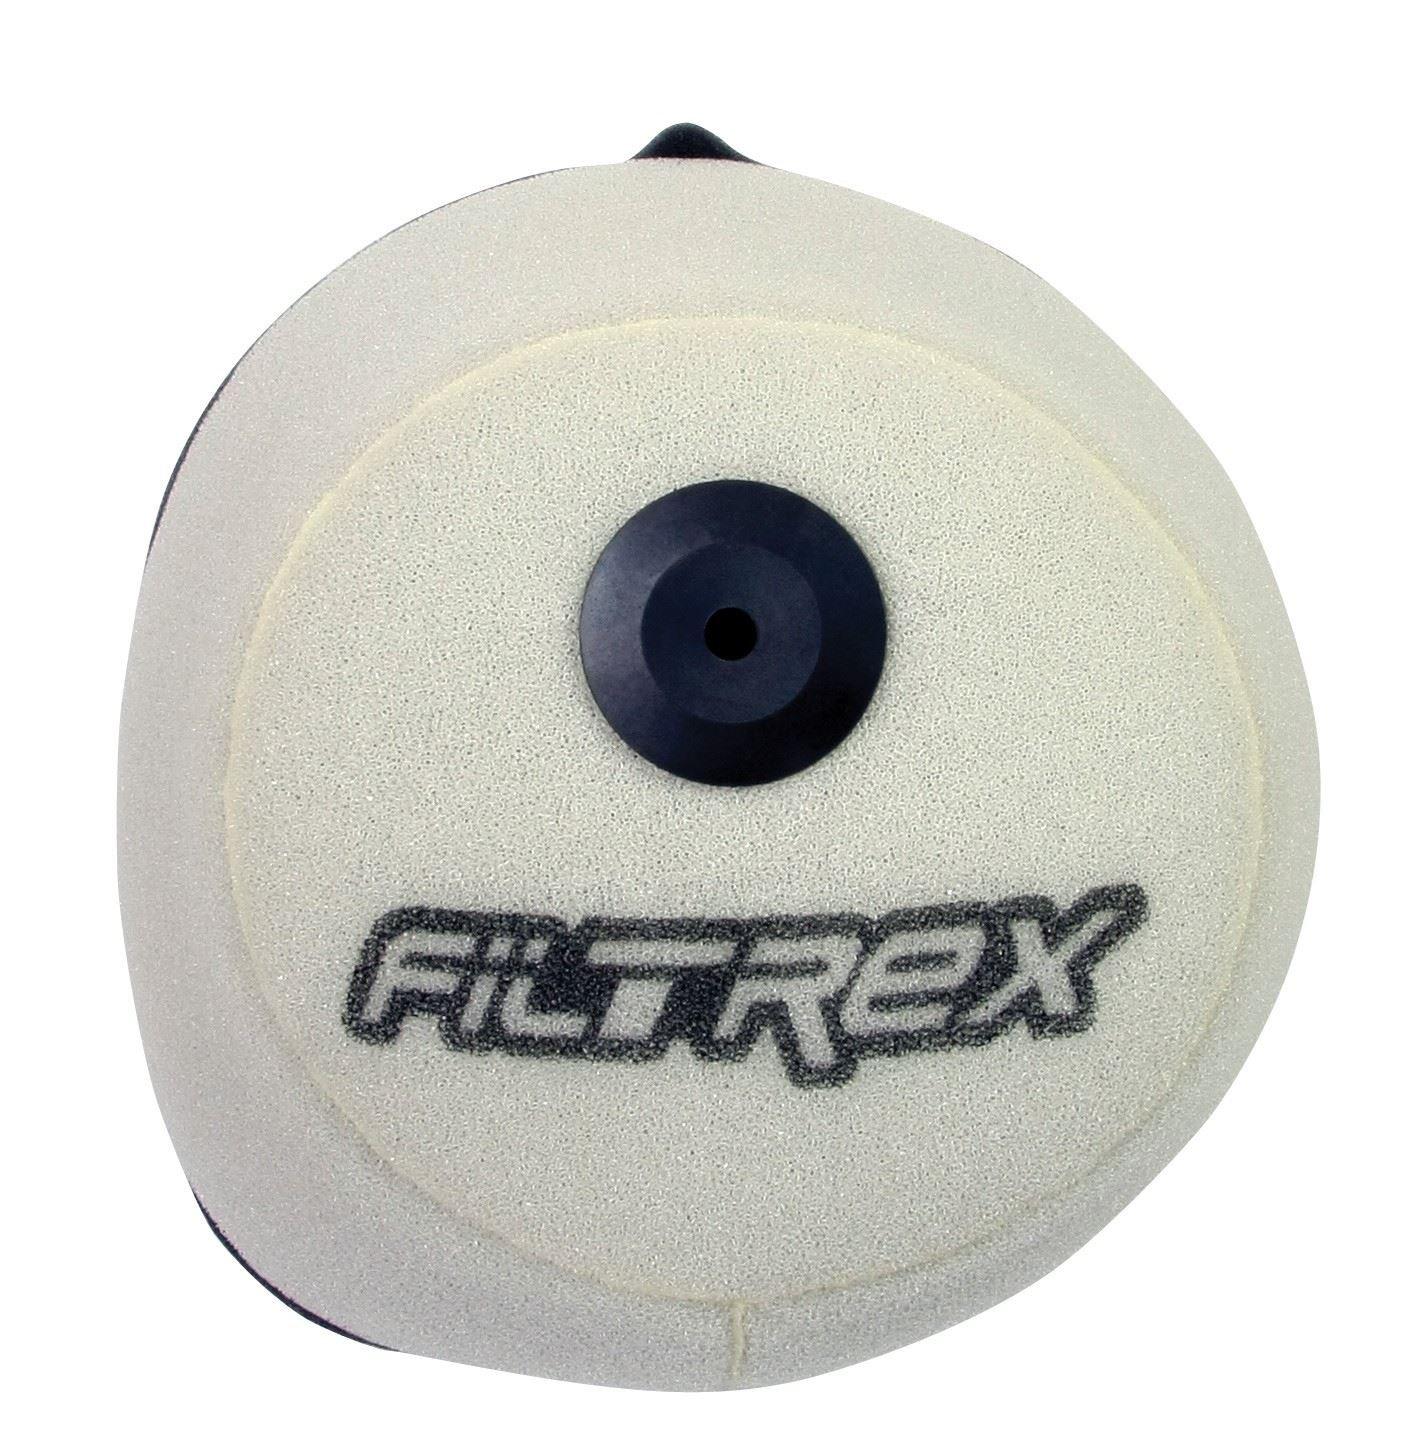 FILTREX FOAM MX AIR FILTER Kawasaki KX125 97-01 KX250 97-01 Bike It